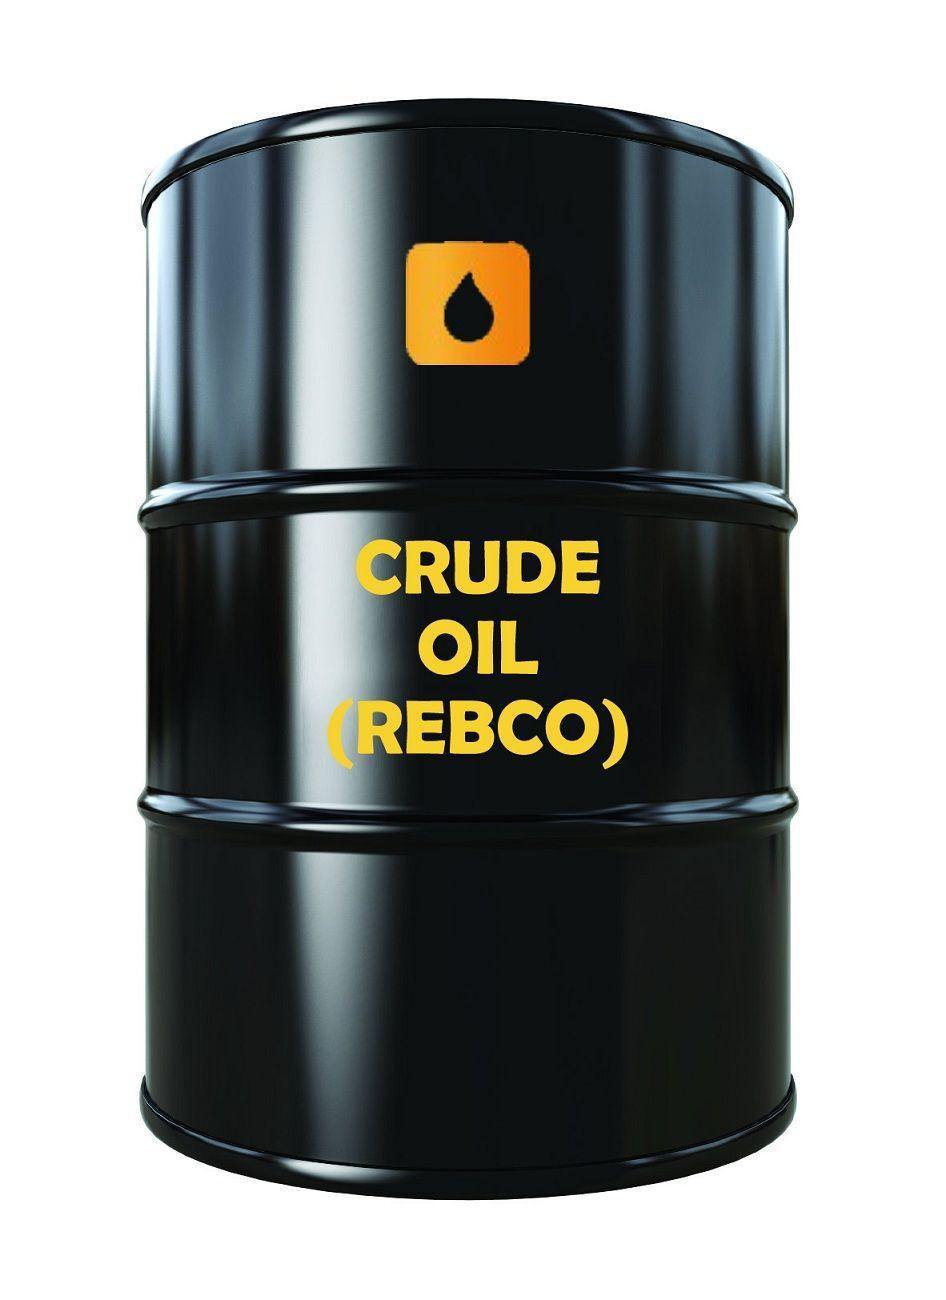 Russian crude oil (REBCO)